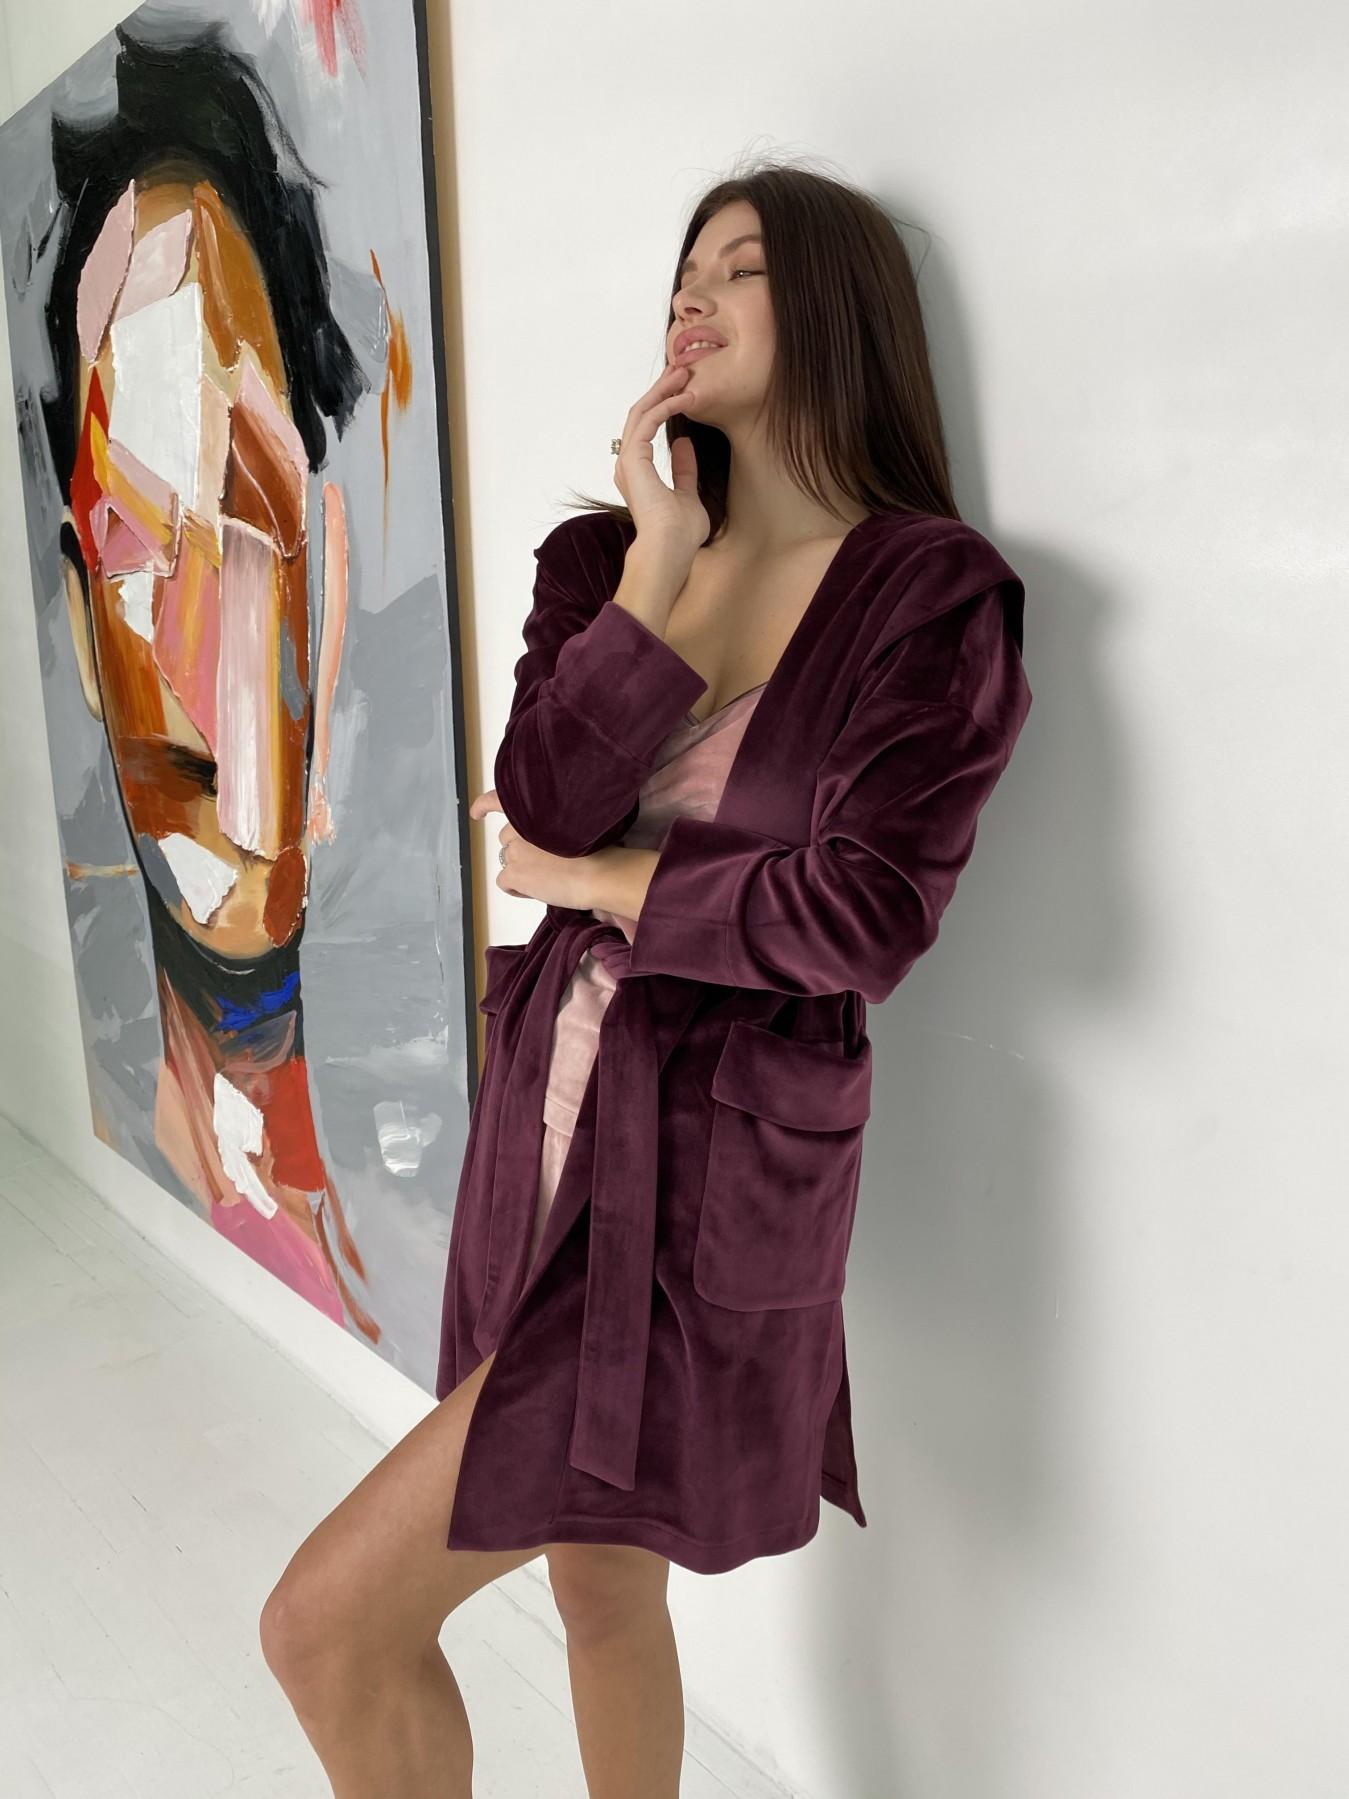 Фабьен халат из  велюровой ткани  10483 АРТ. 46840 Цвет: Марсала - фото 2, интернет магазин tm-modus.ru